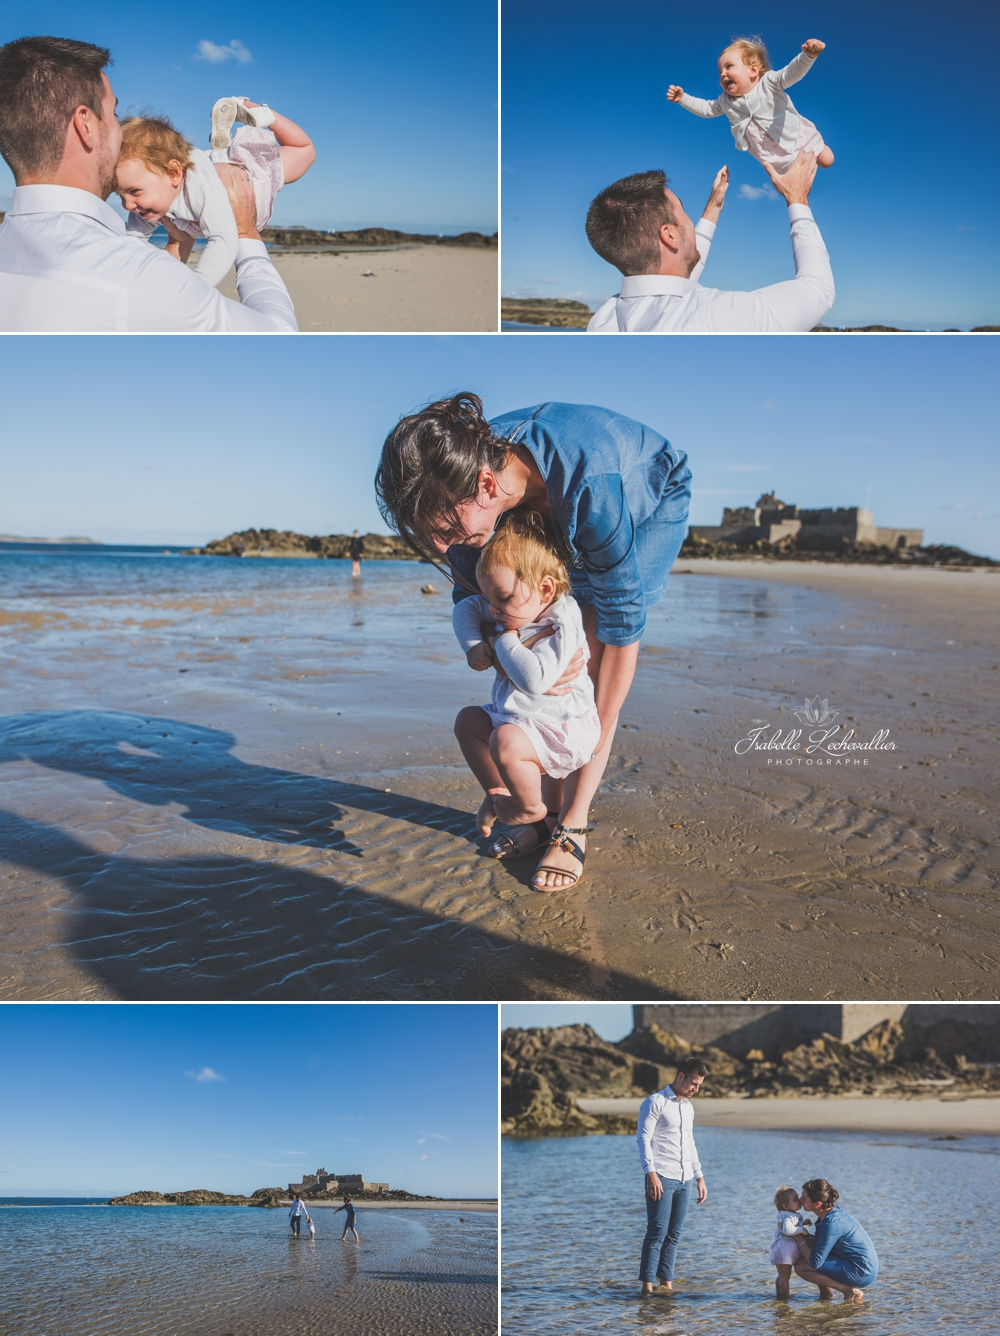 Reportage photo en famille à la plage